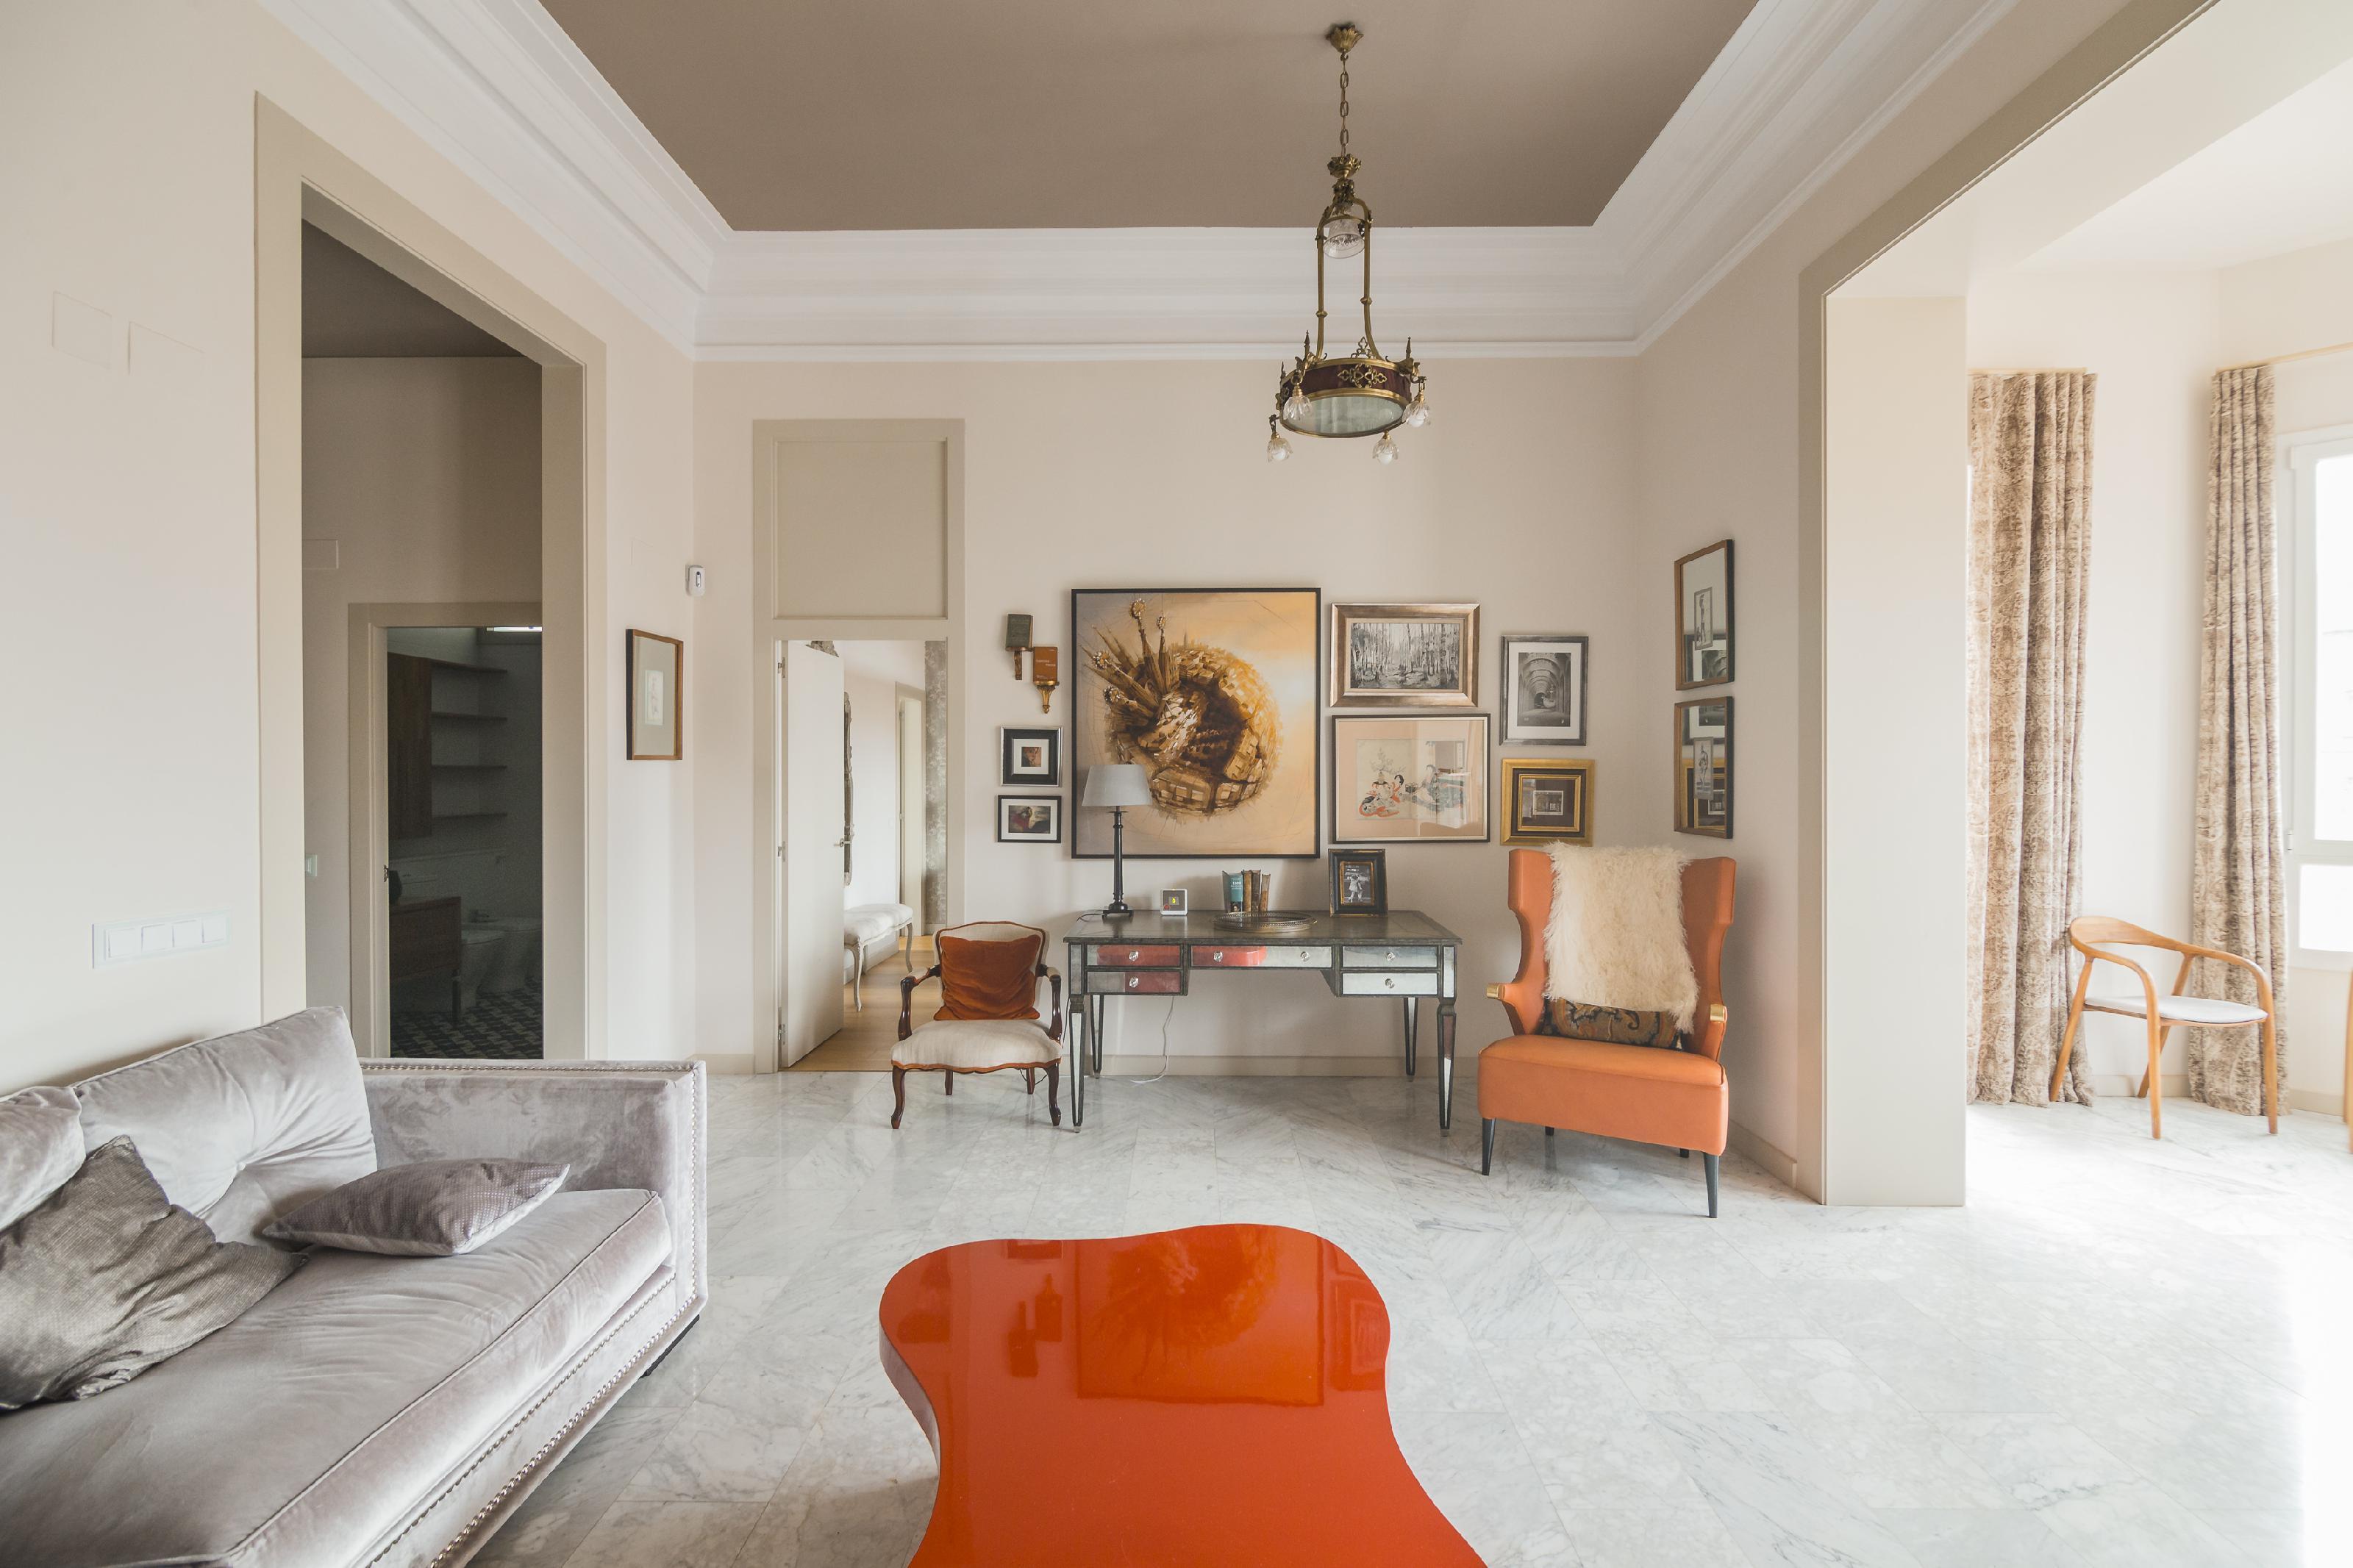 248206 Flat for sale in Gràcia, Vila de Gràcia 19